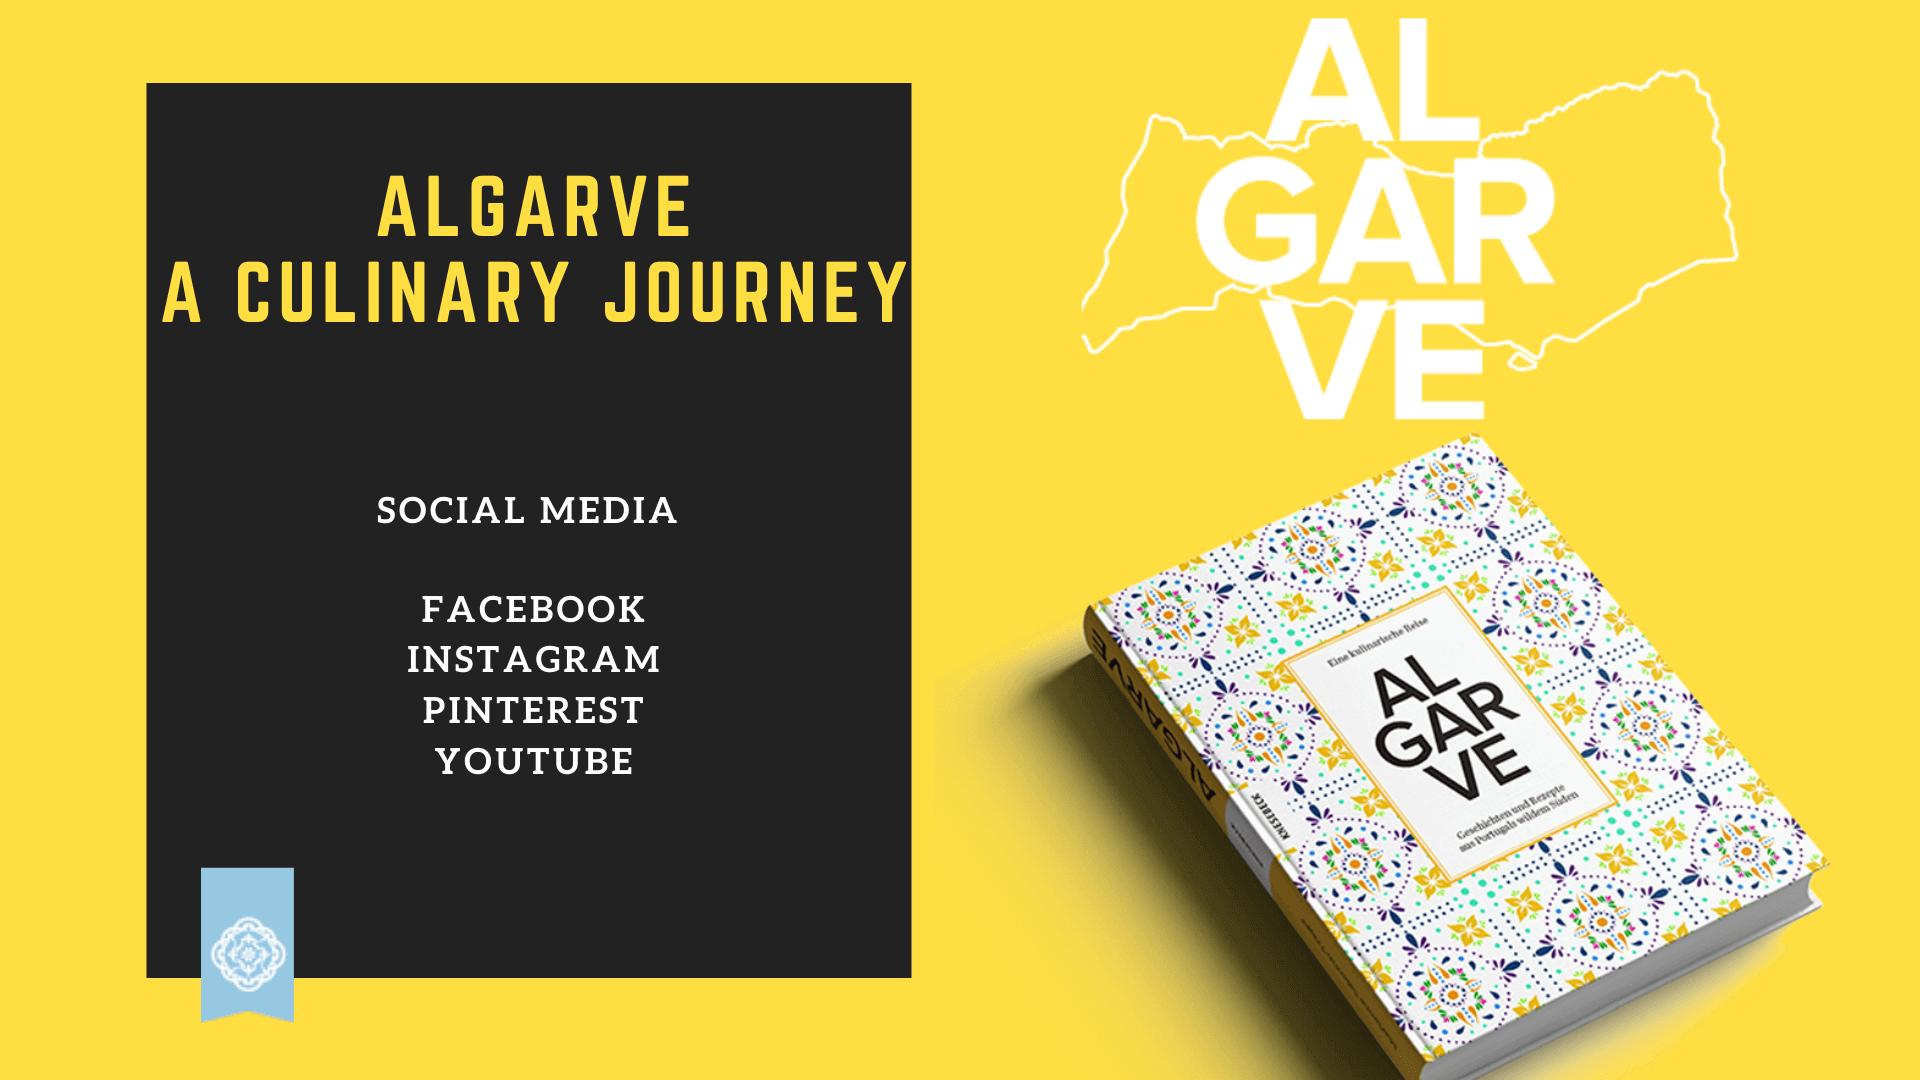 """Coverbild: Social Media für das Buch """"Algarve - eine kulinarische Reise"""""""